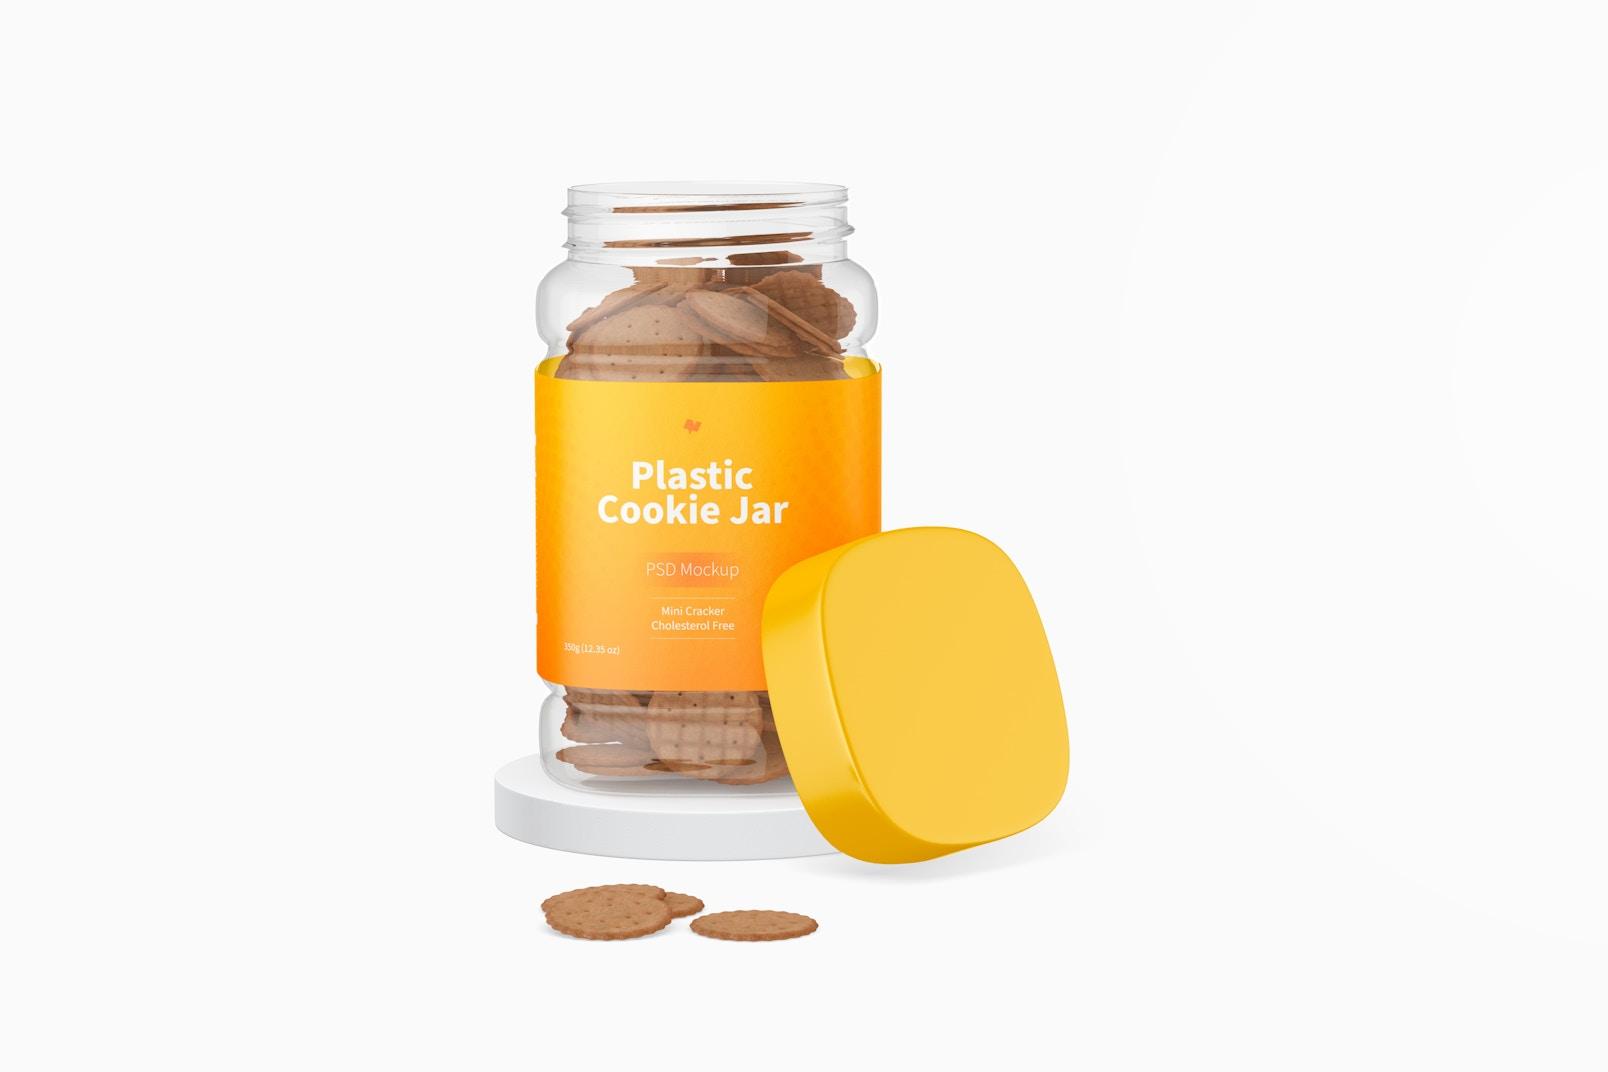 Plastic Cookie Jar Mockup, Opened